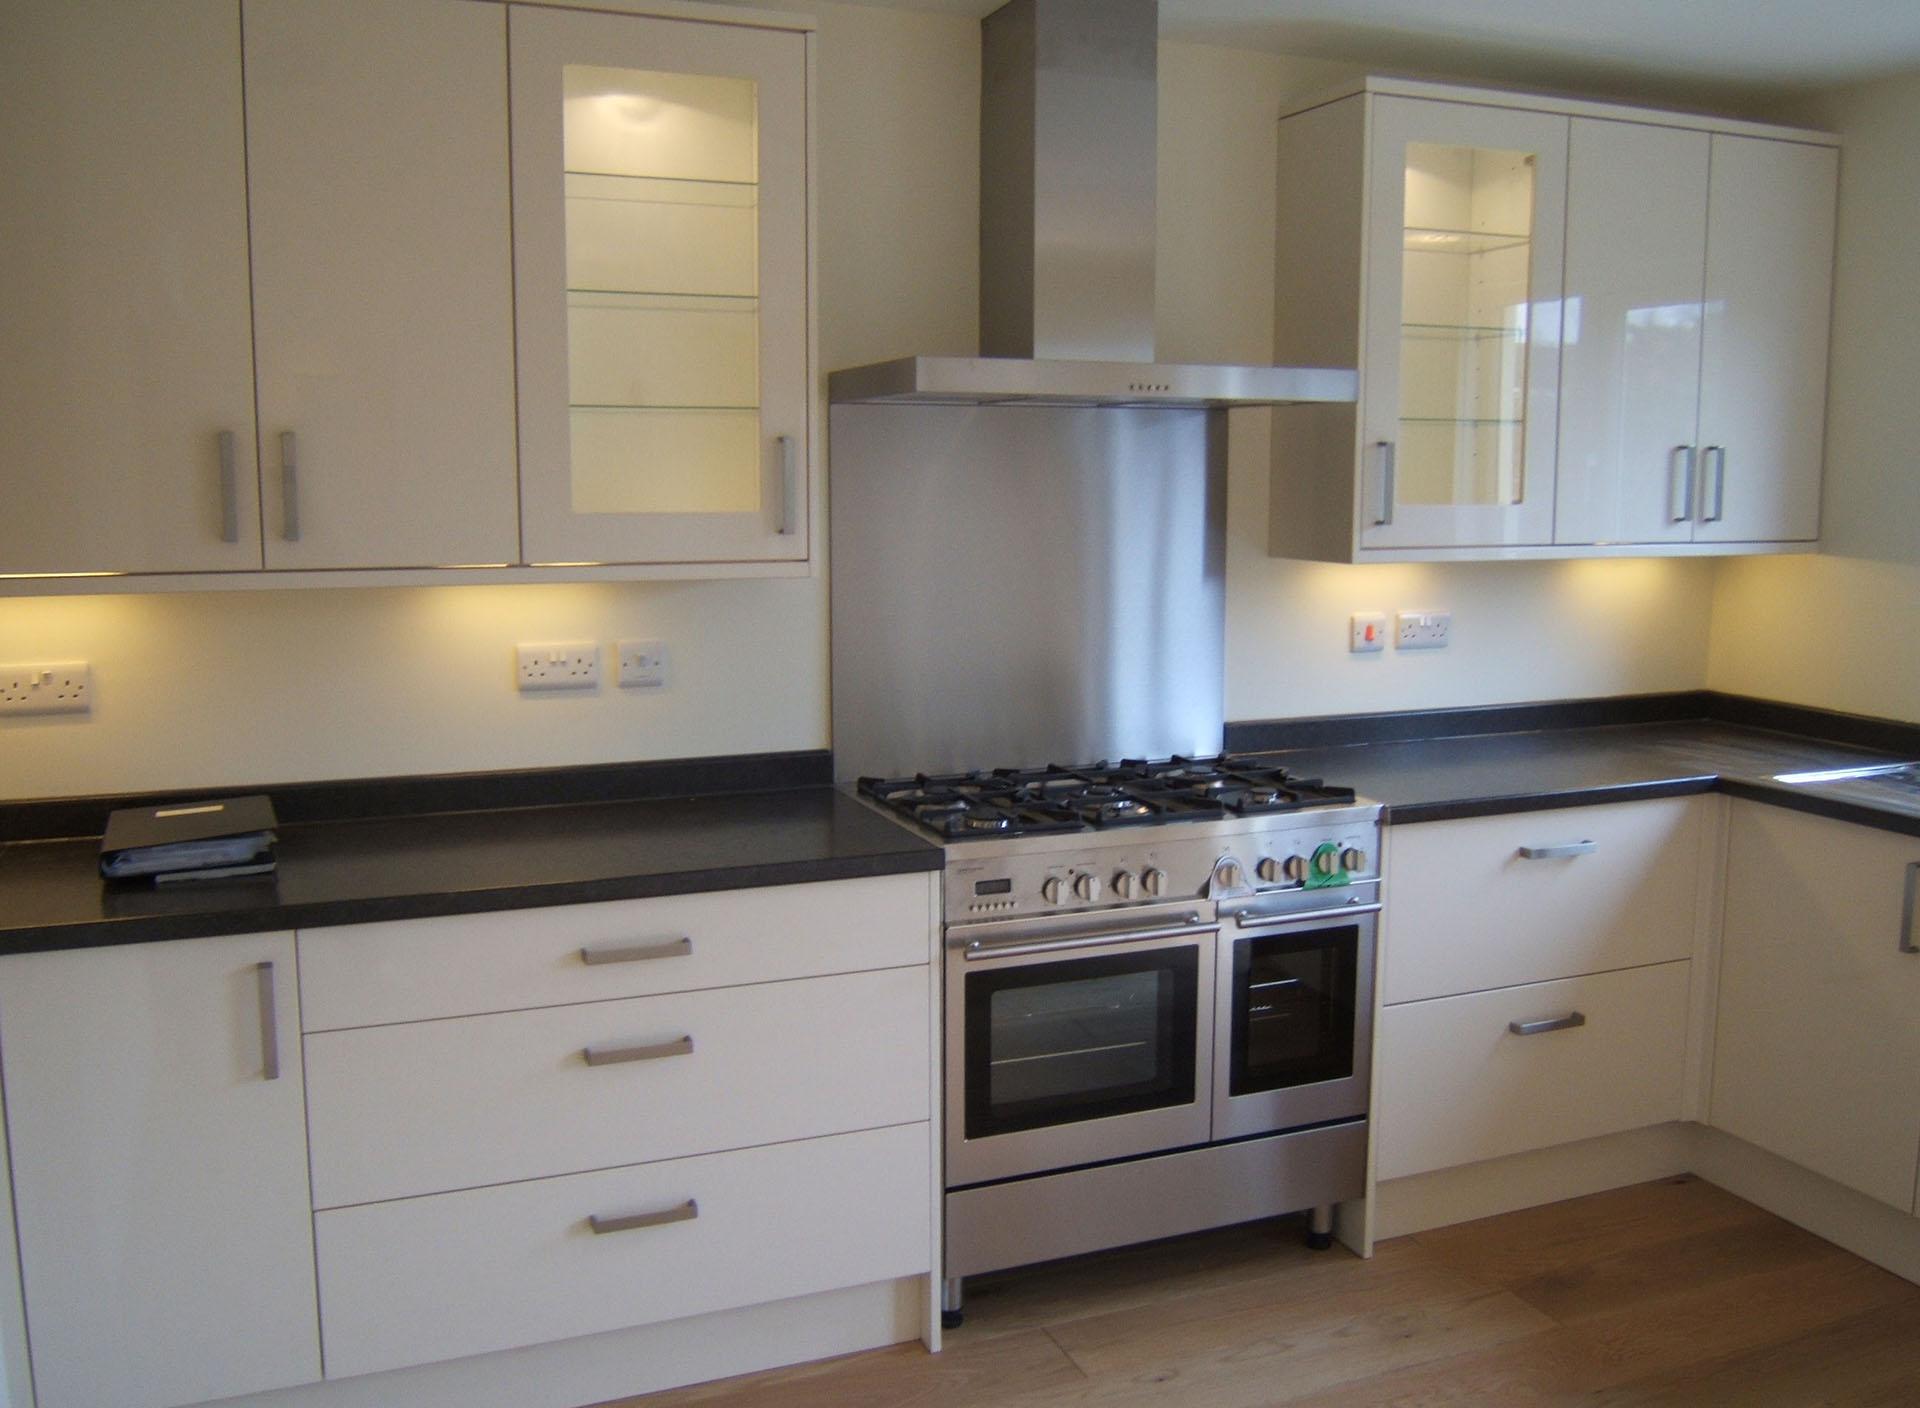 New white kitchen install Kent - Joseph PCL